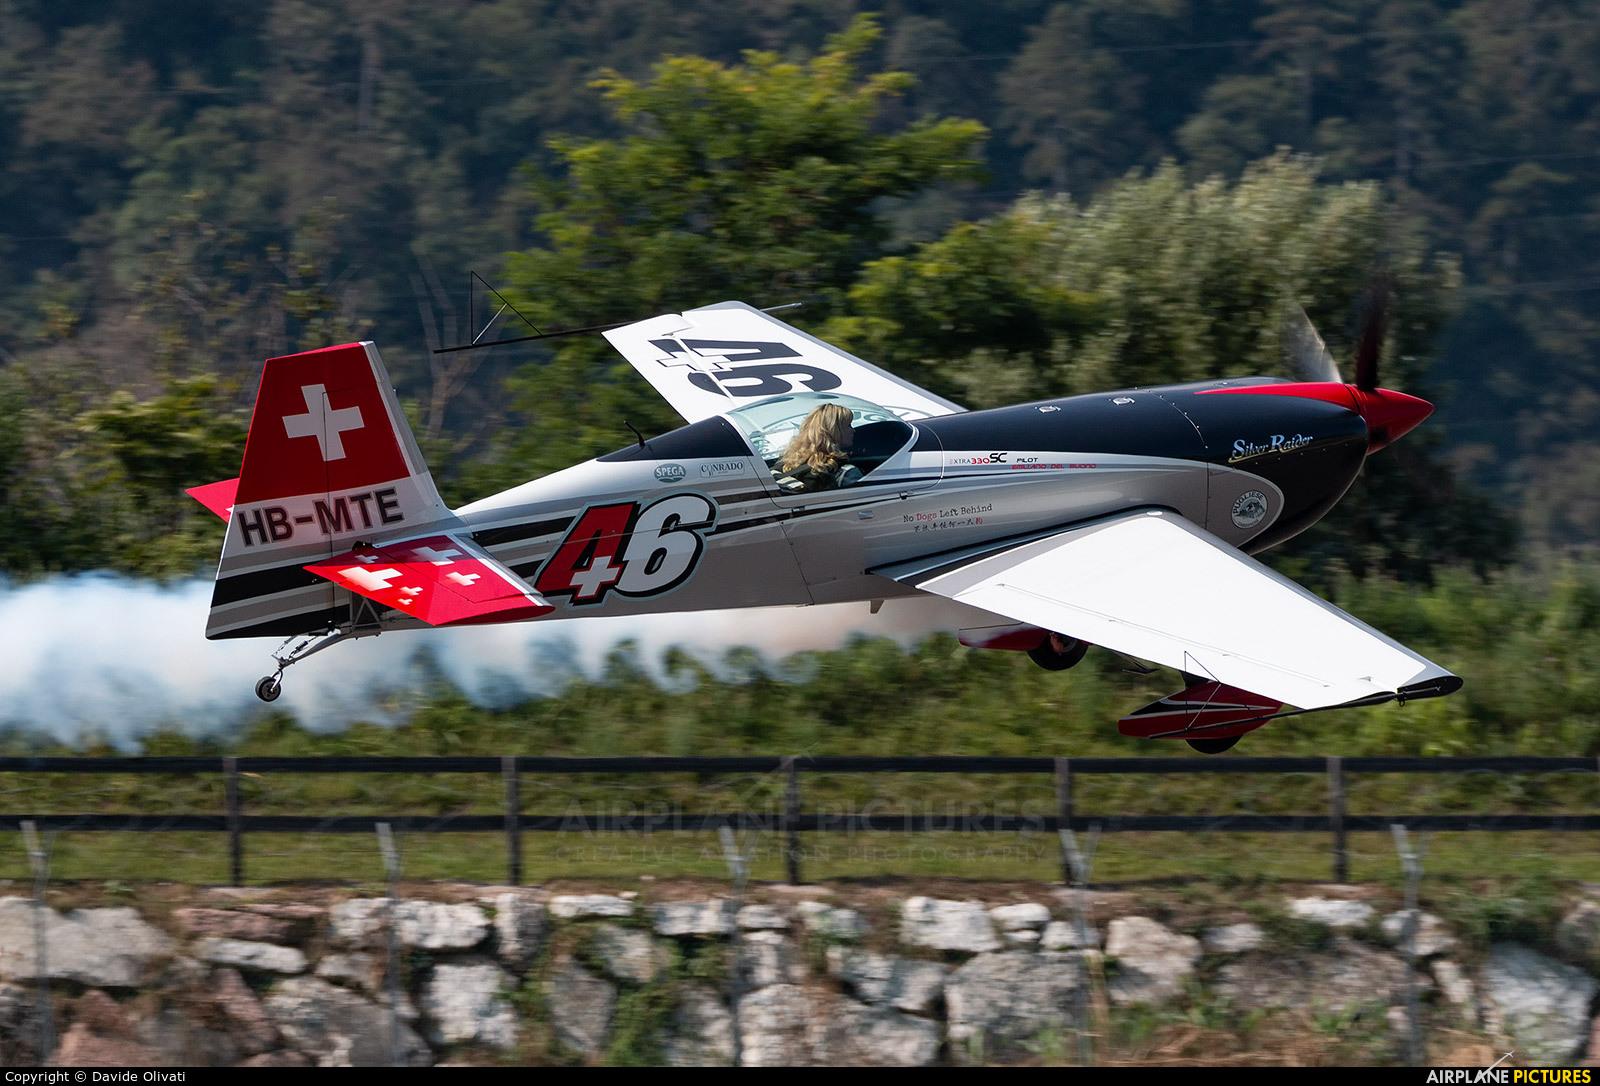 Private HB-MTE aircraft at Trento - Mattarello